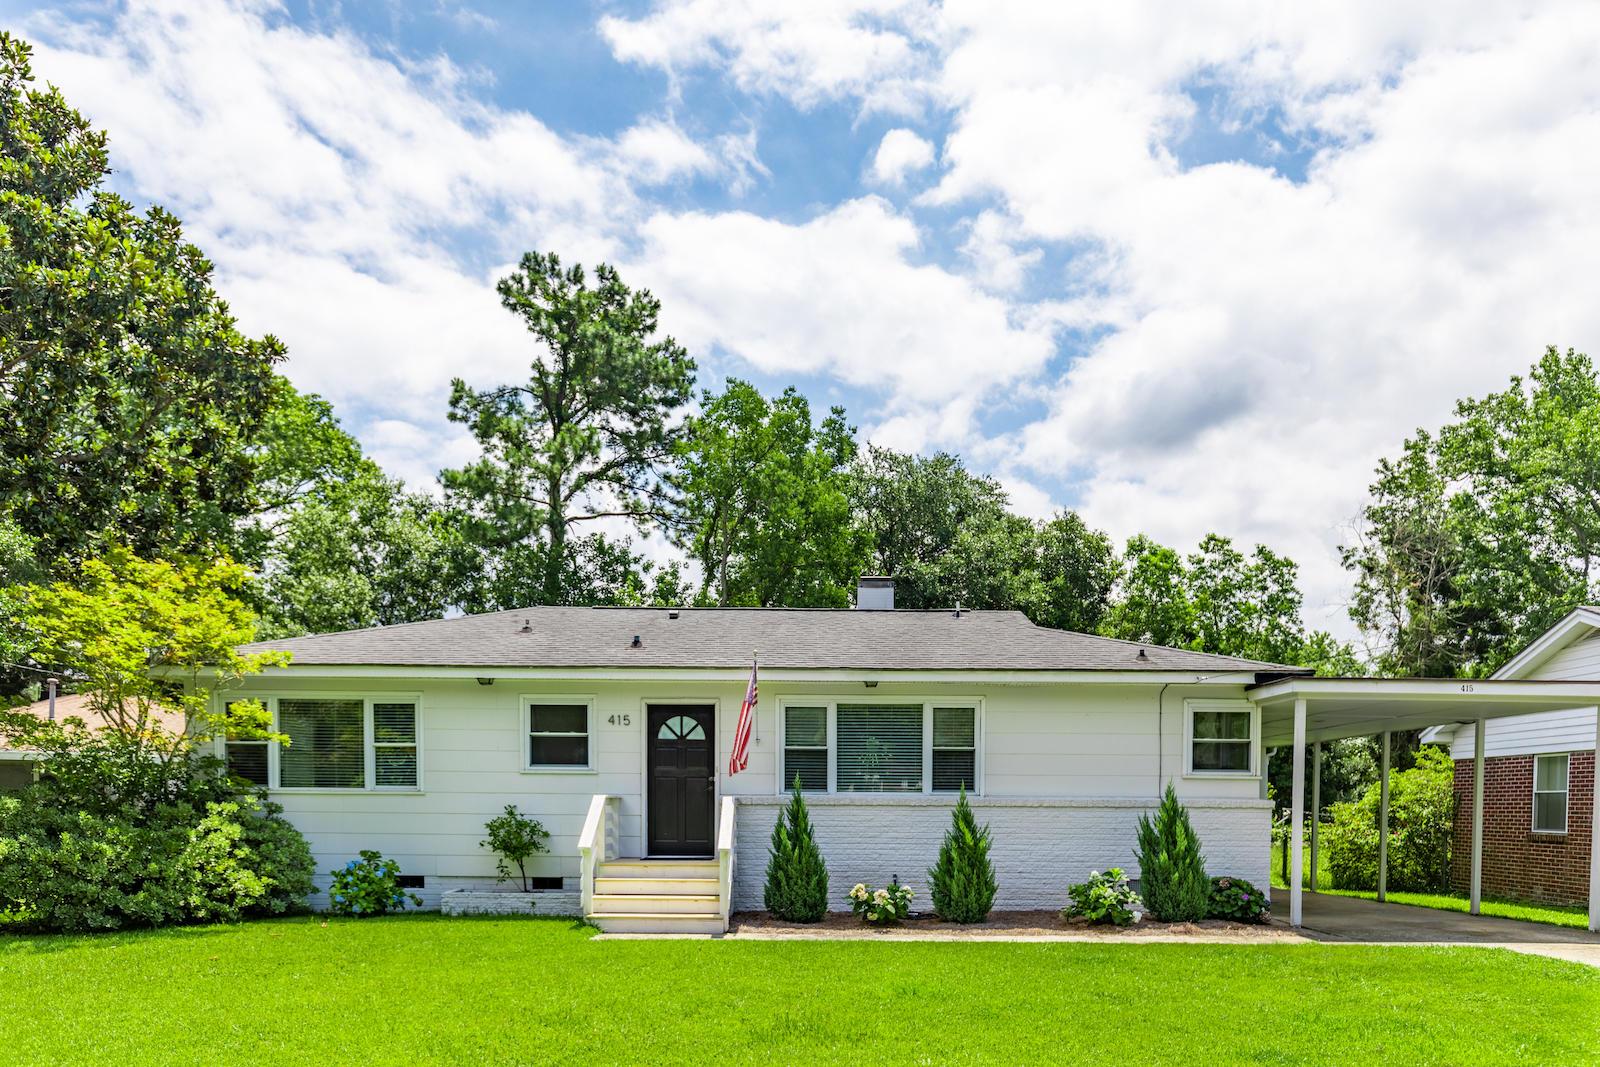 Green Acres Homes For Sale - 415 Limbaker, Charleston, SC - 1